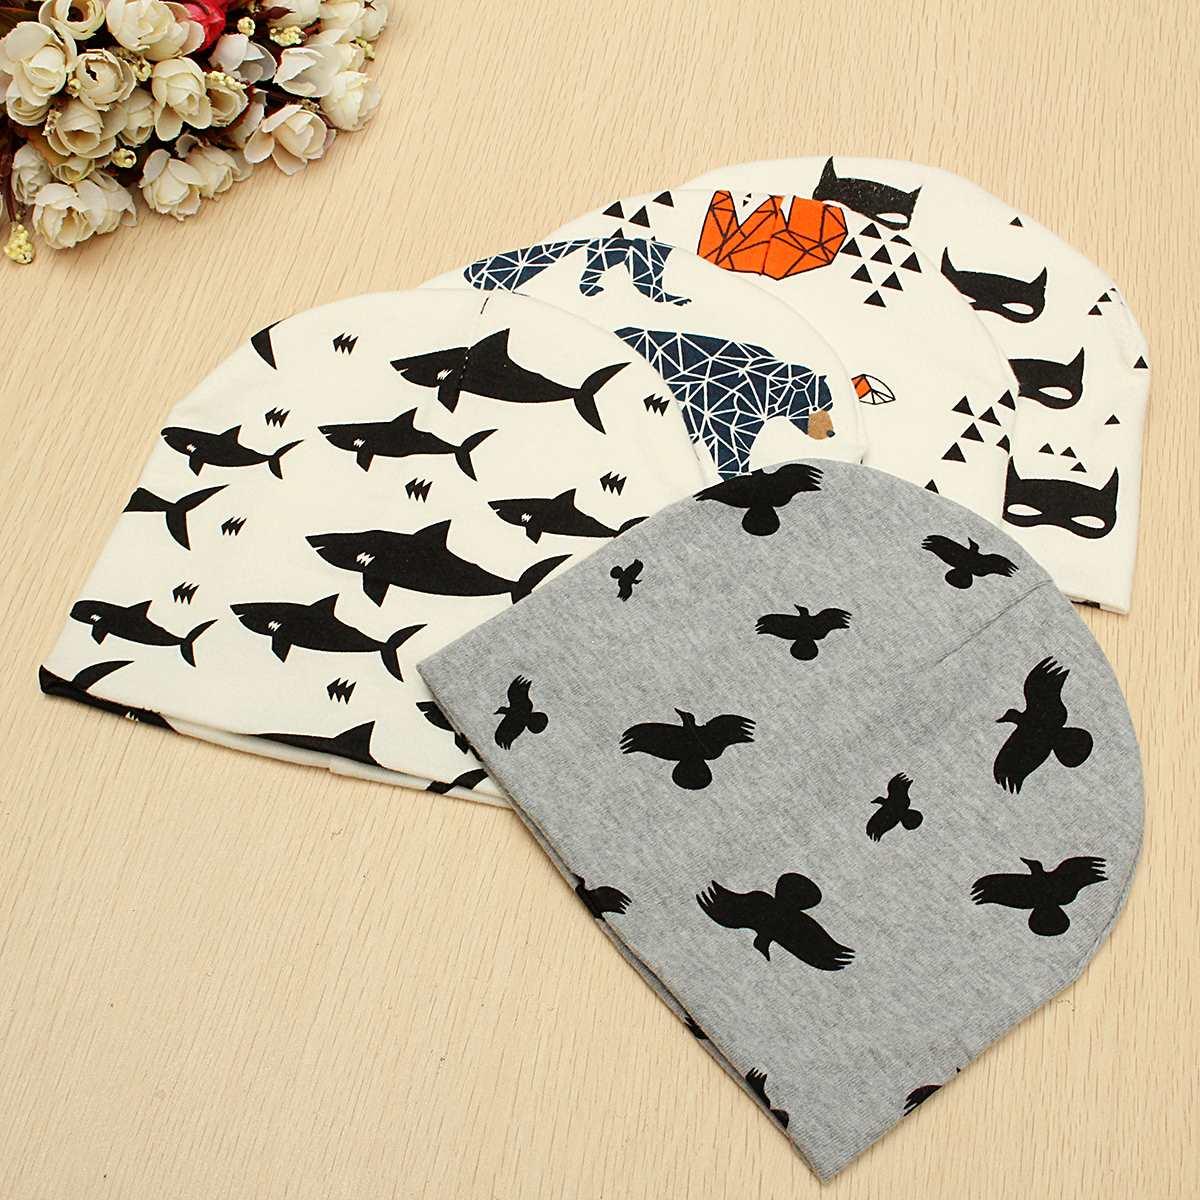 Animals Patterns Baby Toddler Crocheted Cotton Beanie Hat Infant Kids Girl Boy Knit Cap Baby Winter Children Warm Accessories(China (Mainland))